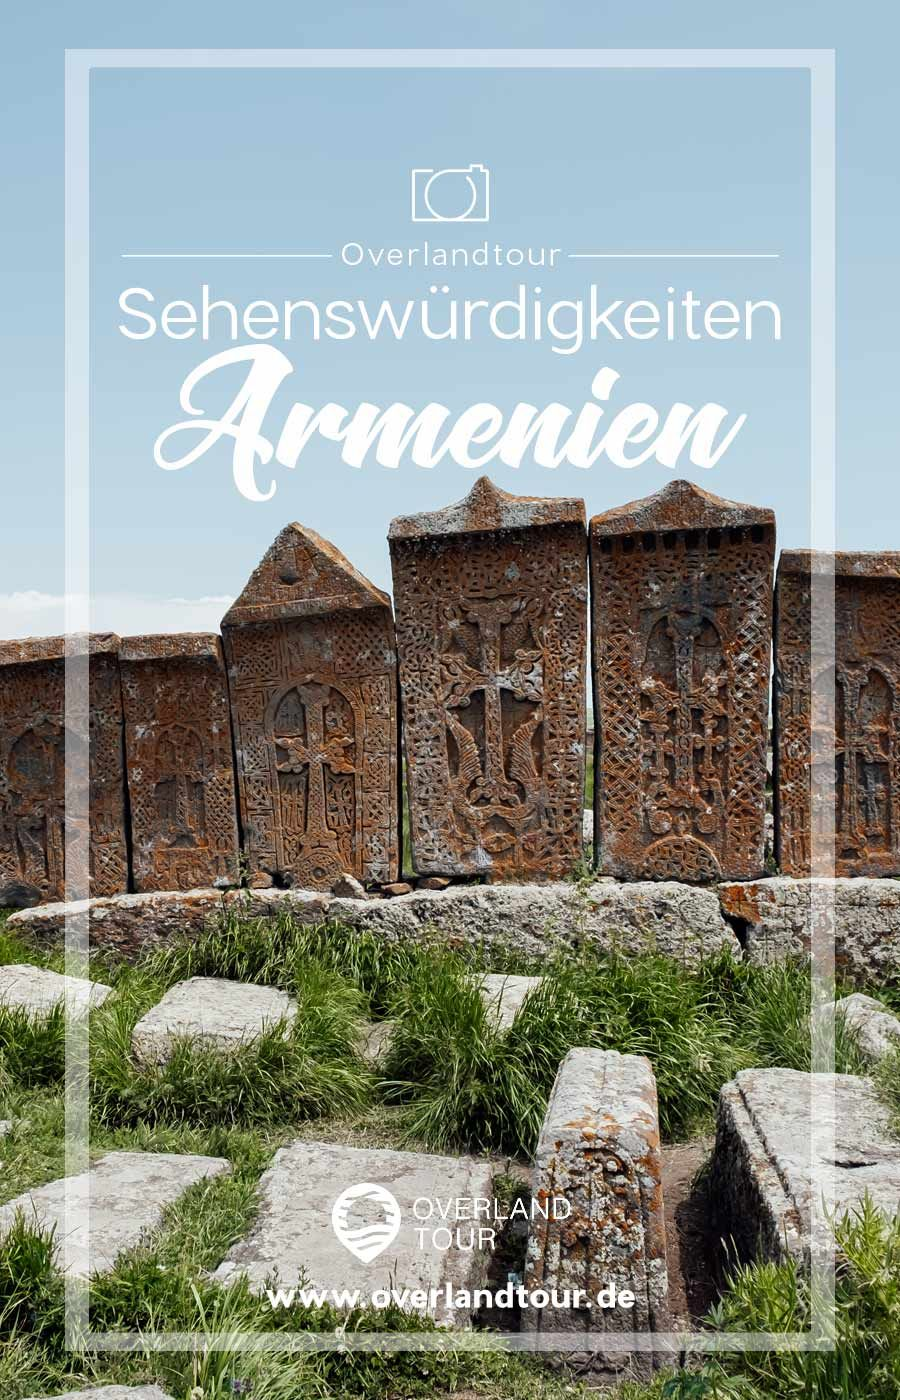 Armenien Sehenswurdigkeiten 20 Besten Highlights Touren Sehenswurdigkeiten Armenien